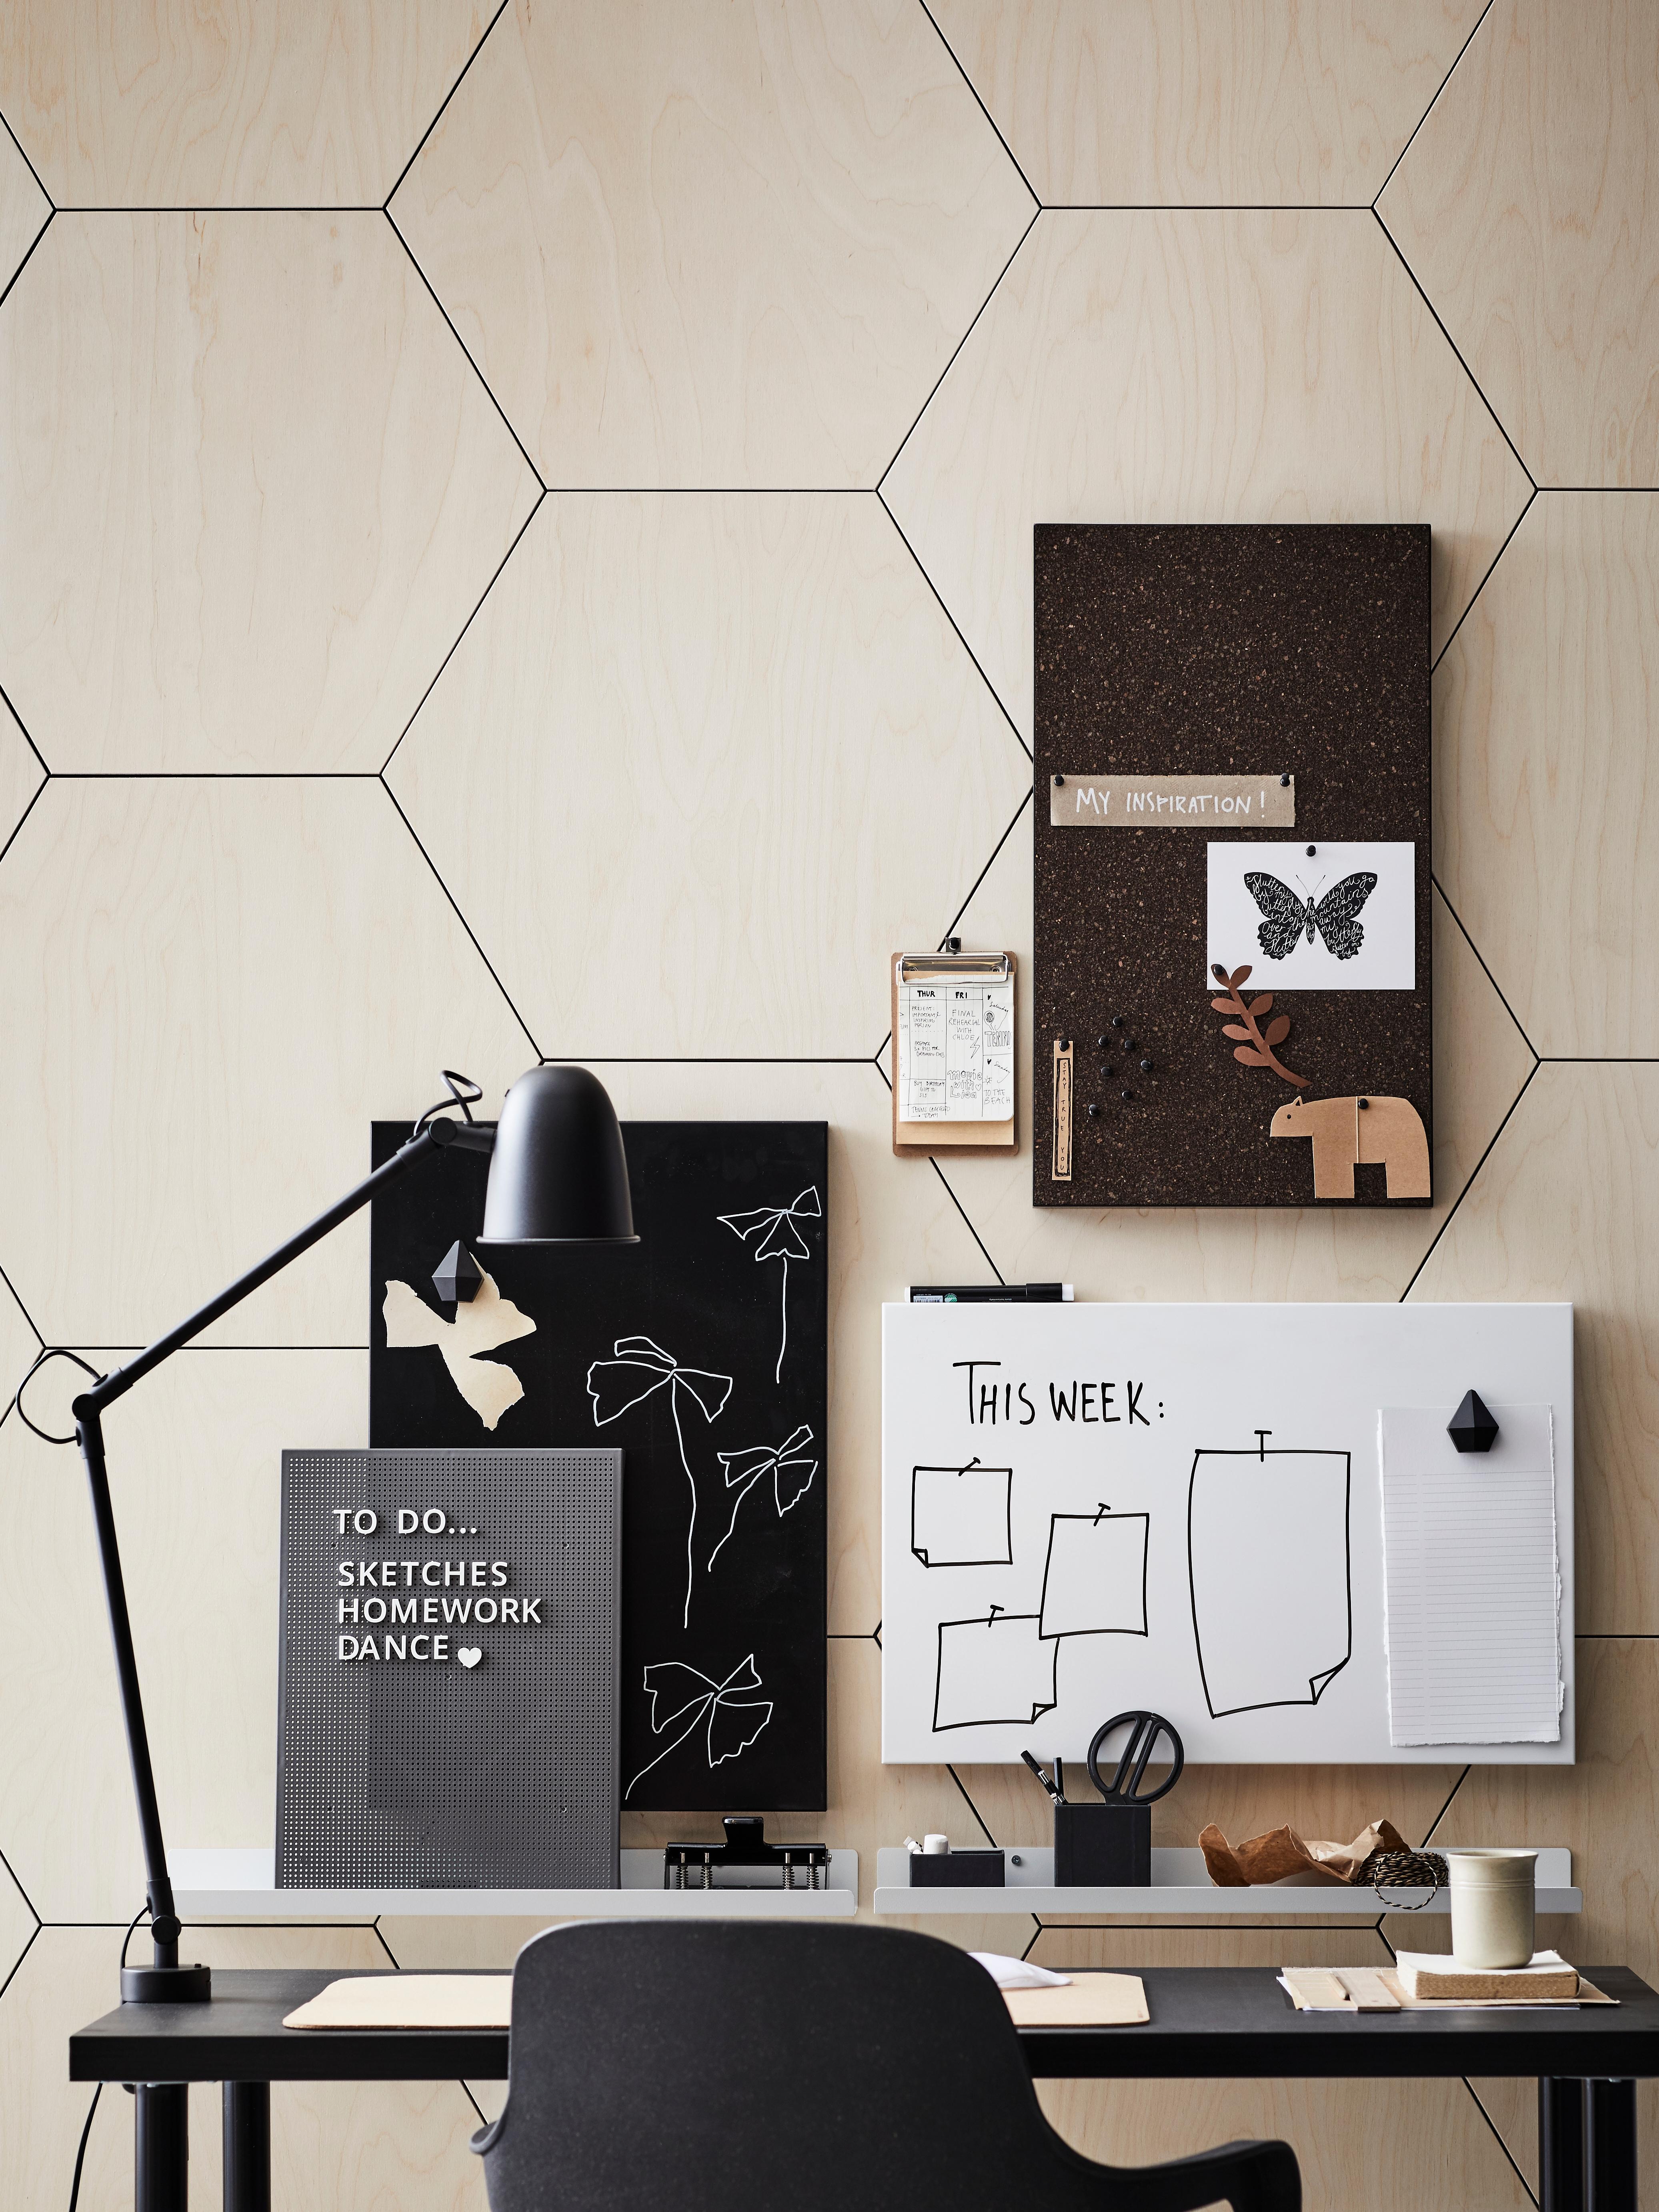 Radni stol i stolica ispred zida s drvenim uzorkom saća s pločom za napomene i SVENSÅS rupičastom pločom sa slovima i radnom lampom.